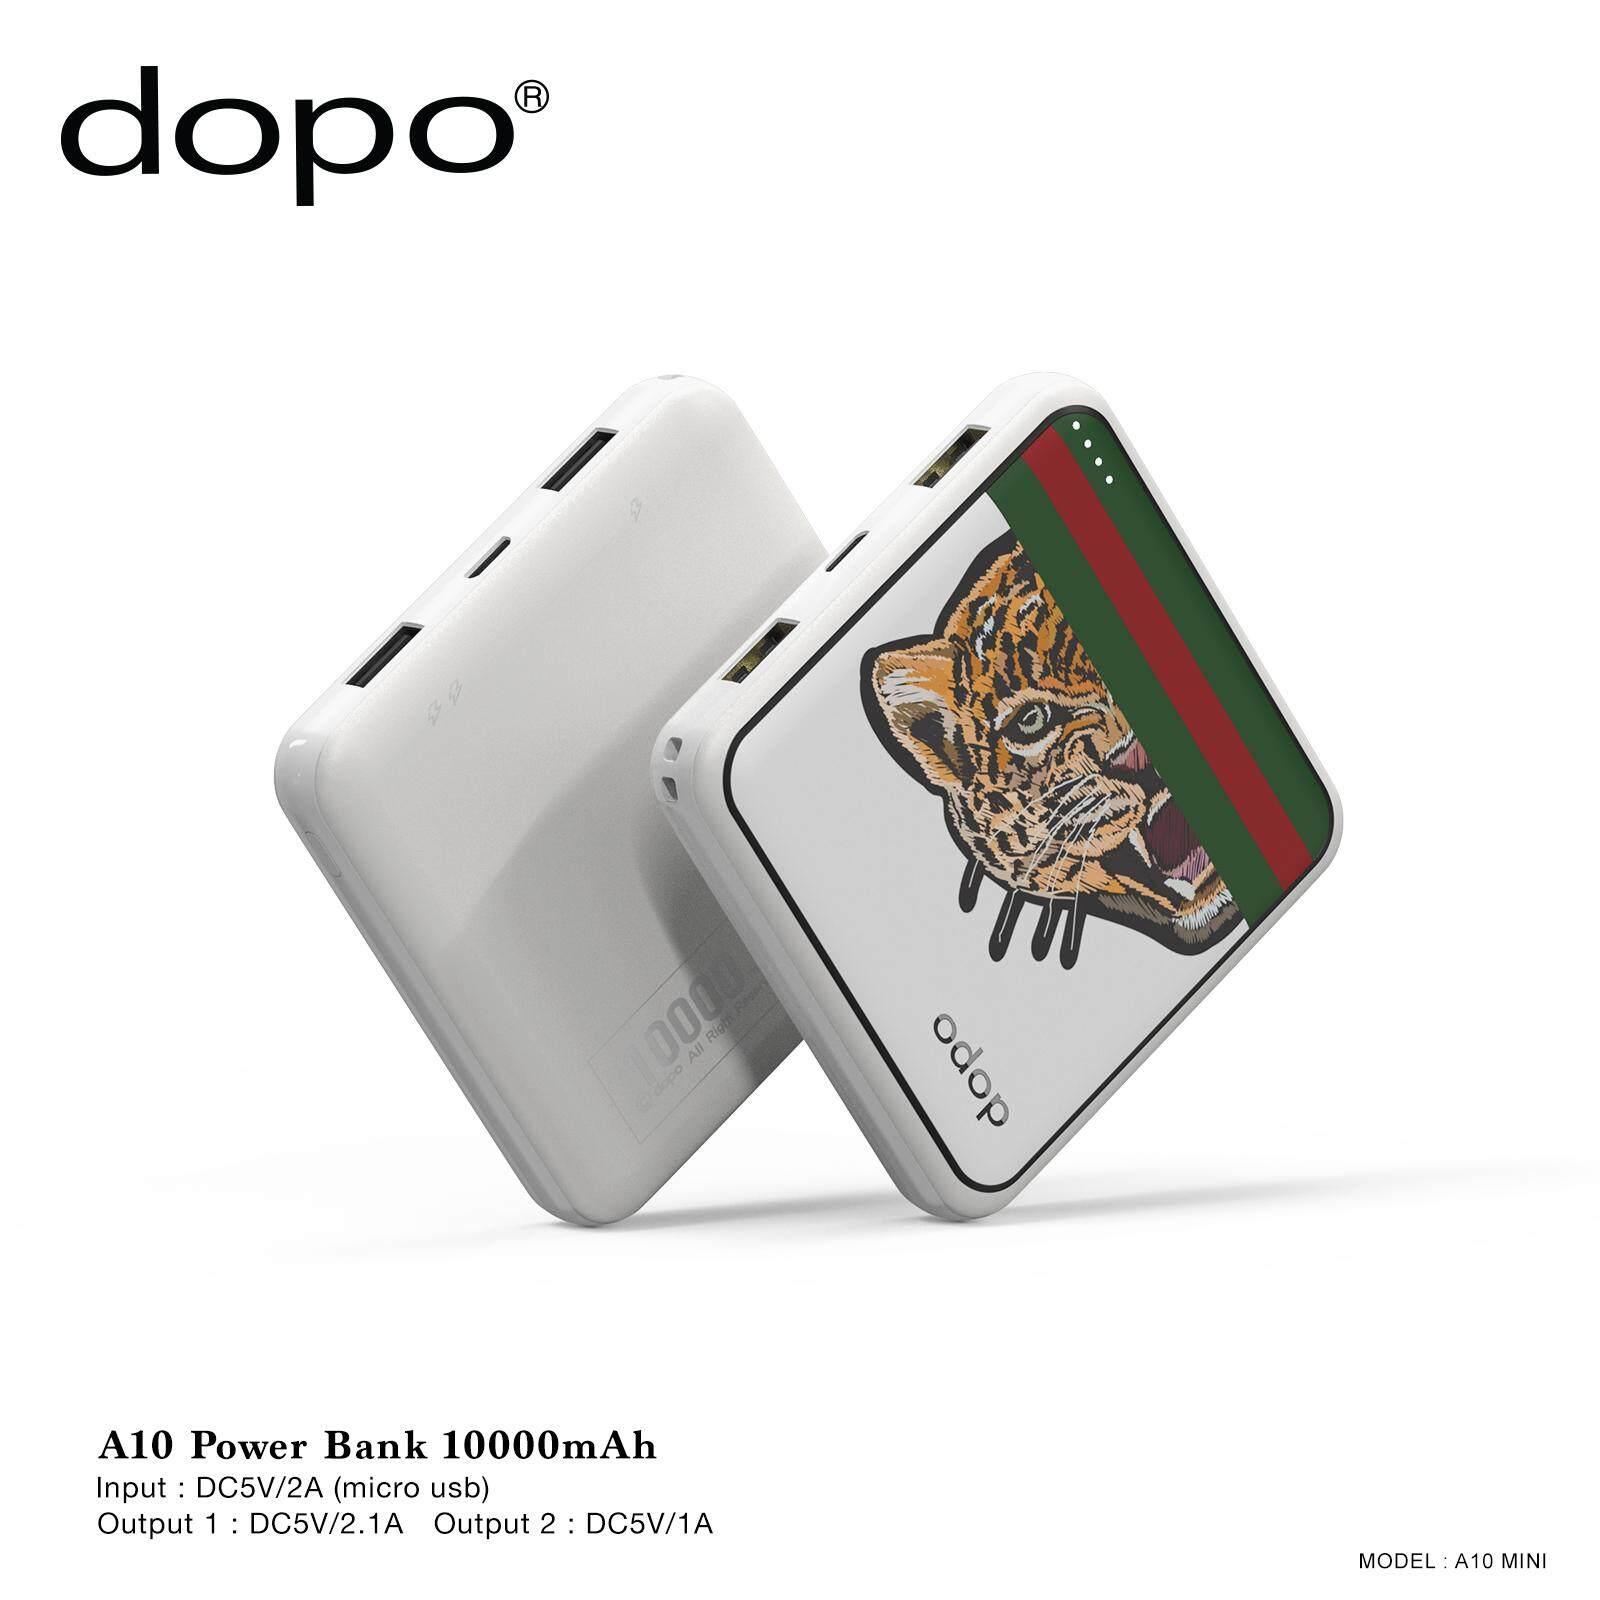 แบตเตอรี่สำรอง Dopo Power Bank รุ่น A10 Mini (tiger) ขนาด 10000mah รับประกัน 1 ปี ของแท้ 100%.